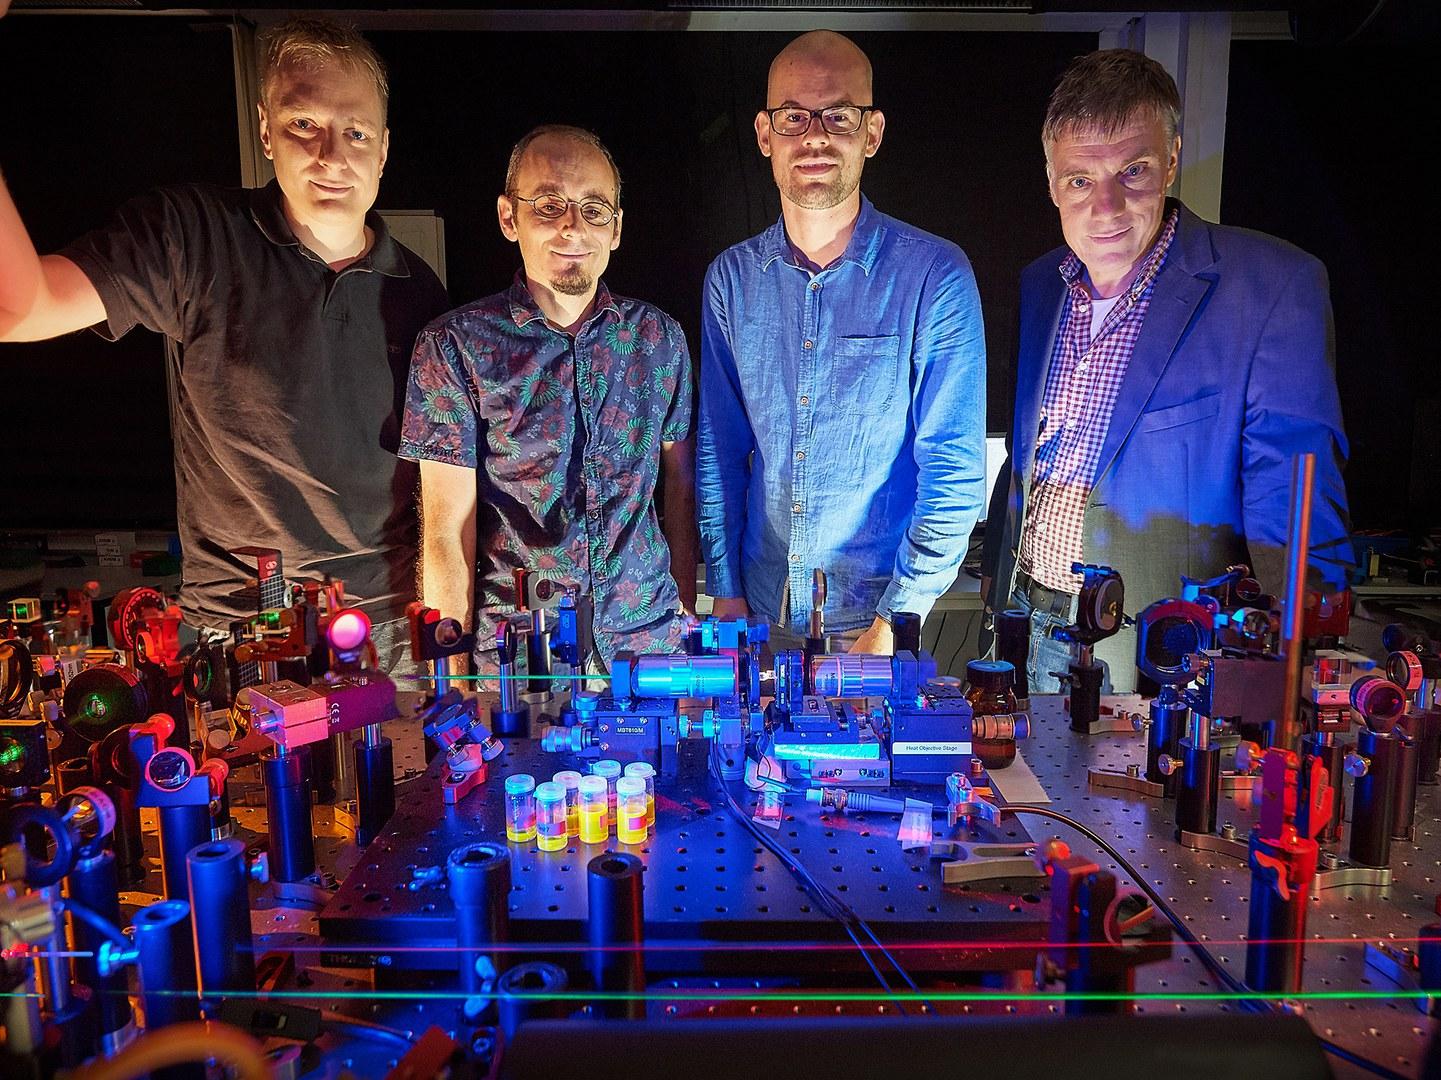 The Bonn researchers